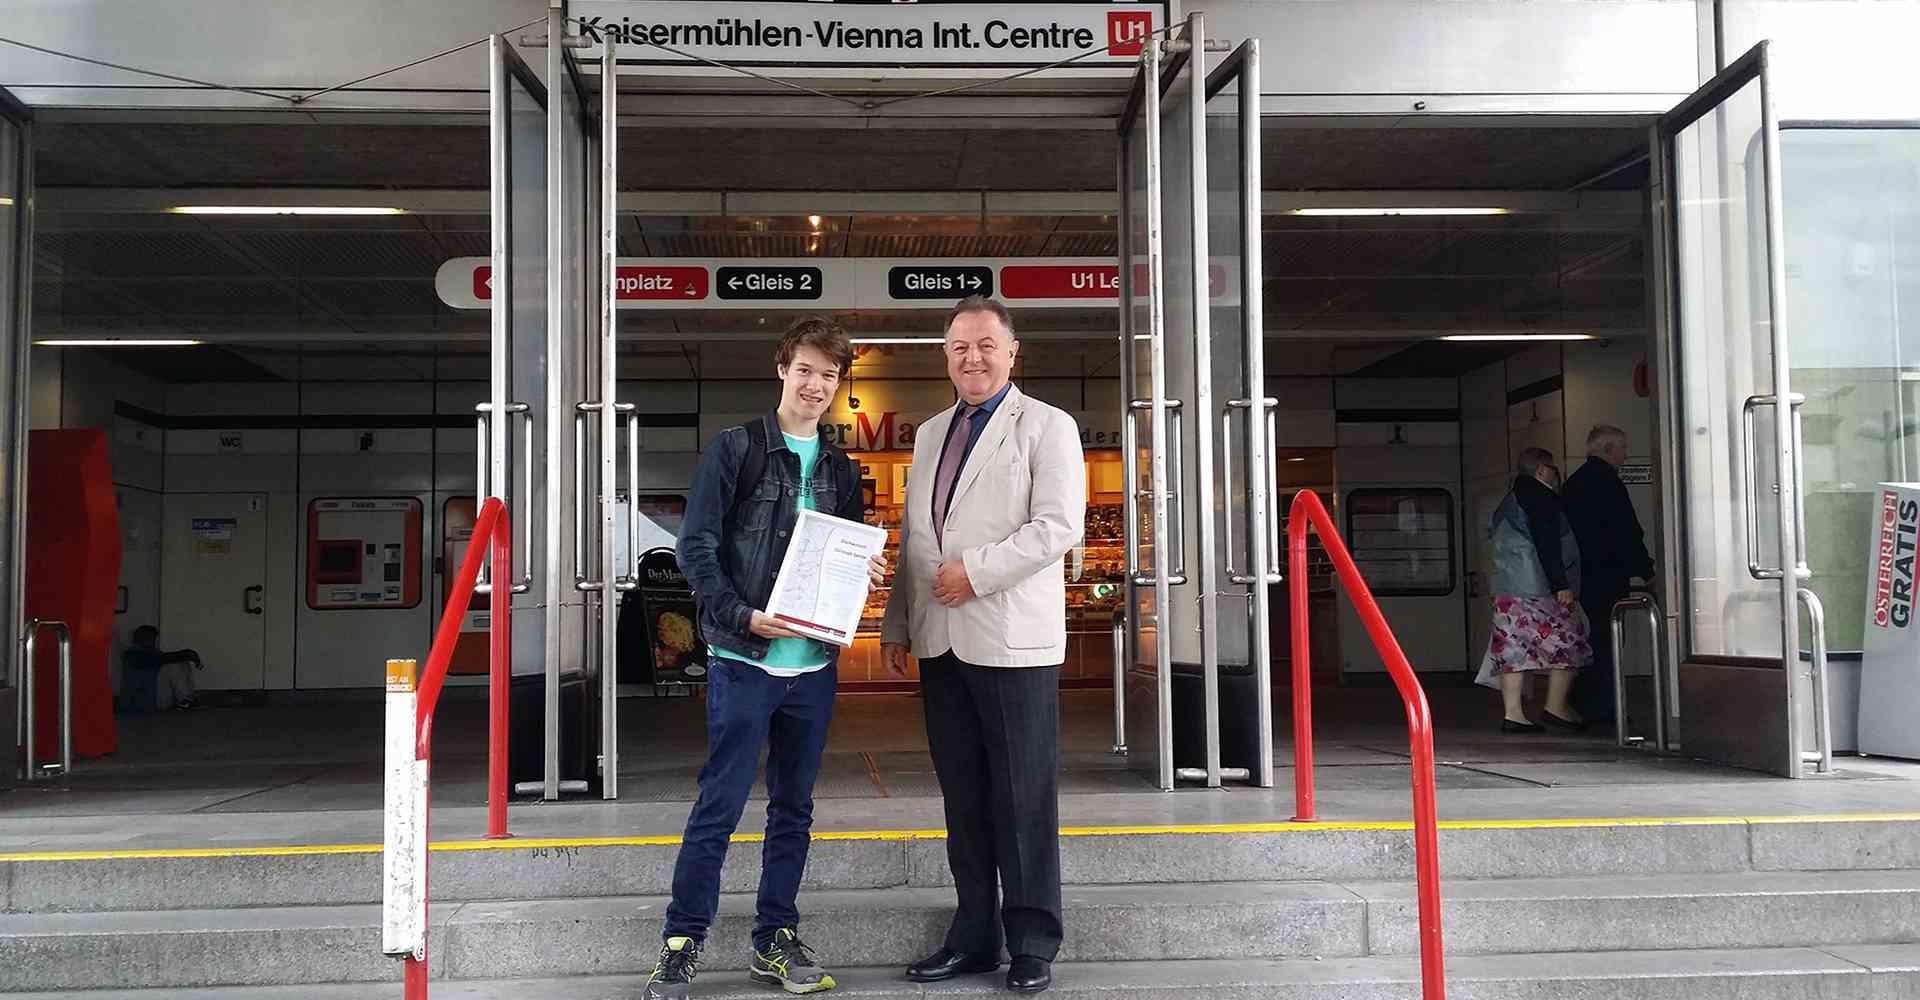 Wiener-Linien-Direktor Eduard Winter gratuliert Christoph bei seiner letzten Station, Kaisermühlen-VIC, und überreicht eine Urkunde.